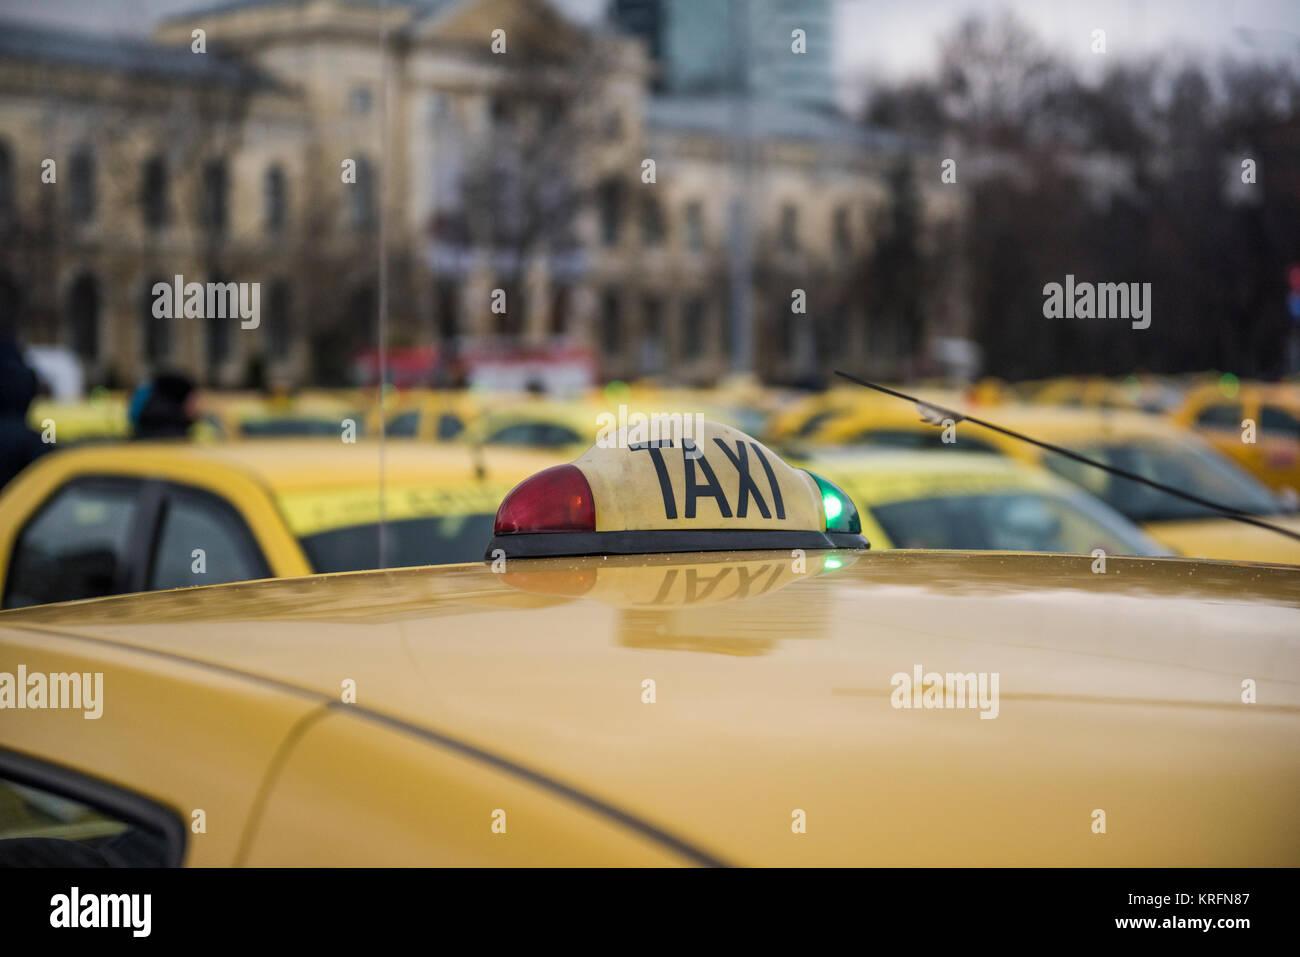 Bukarest, Rumänien - Dezember 20, 2017: Rumänische Taxifahrer protestieren vor dem Verwaltungssitz gegen Uber und andere Anwendungen, die ihre Klienten zu stehlen. Stockfoto